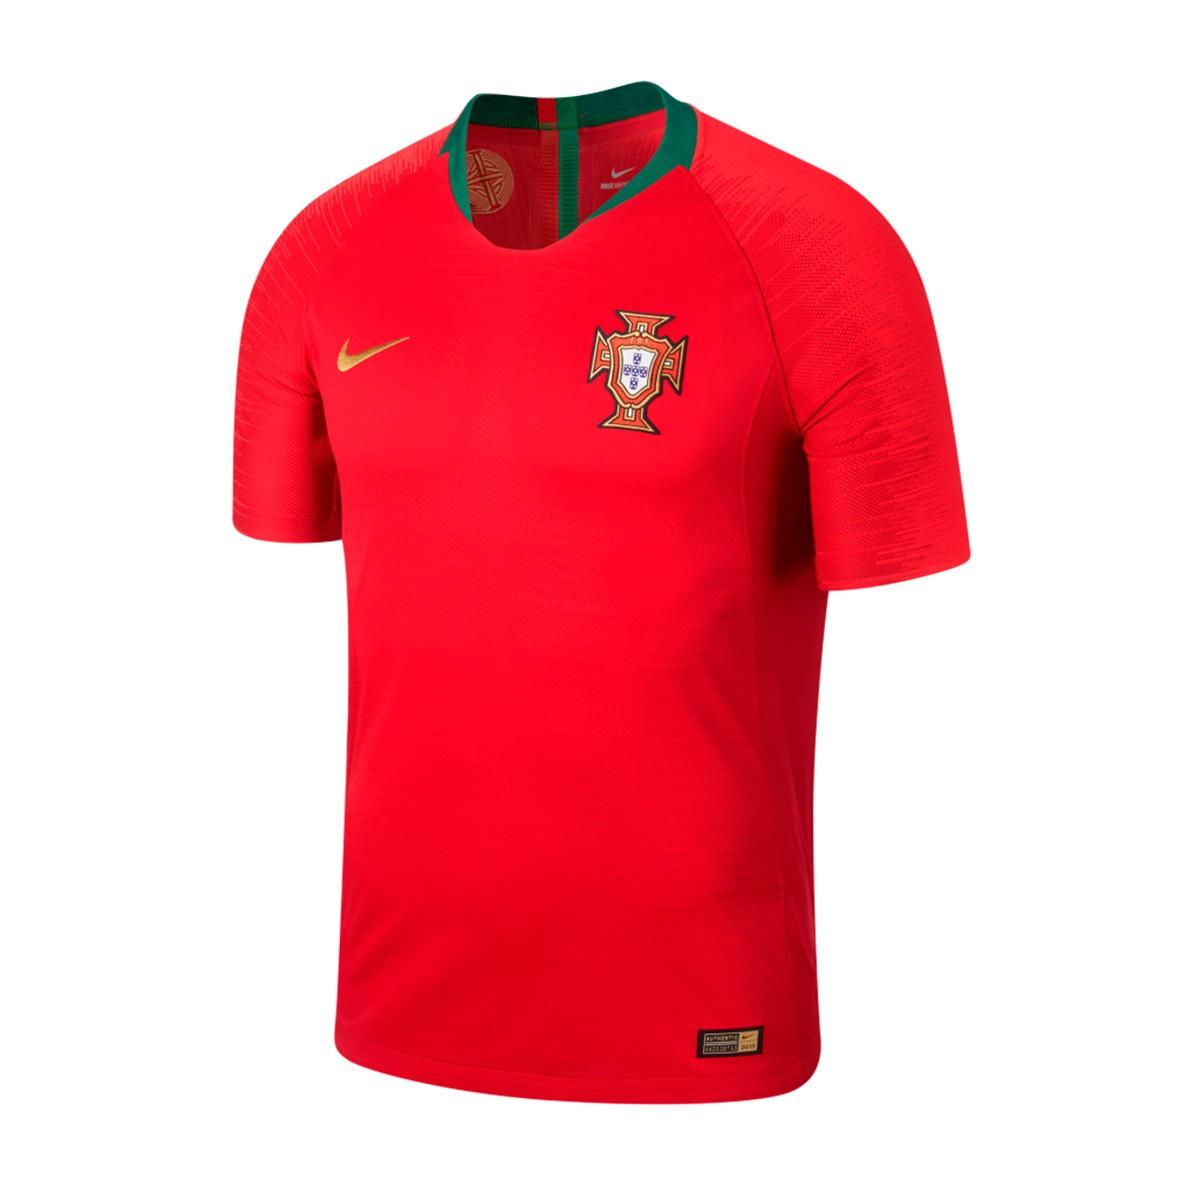 83f6d4d48f Maillot Nike Portugal Vapor Tenue Domicile 2018-2019 Gym red - Boutique de  football Fútbol Emotion